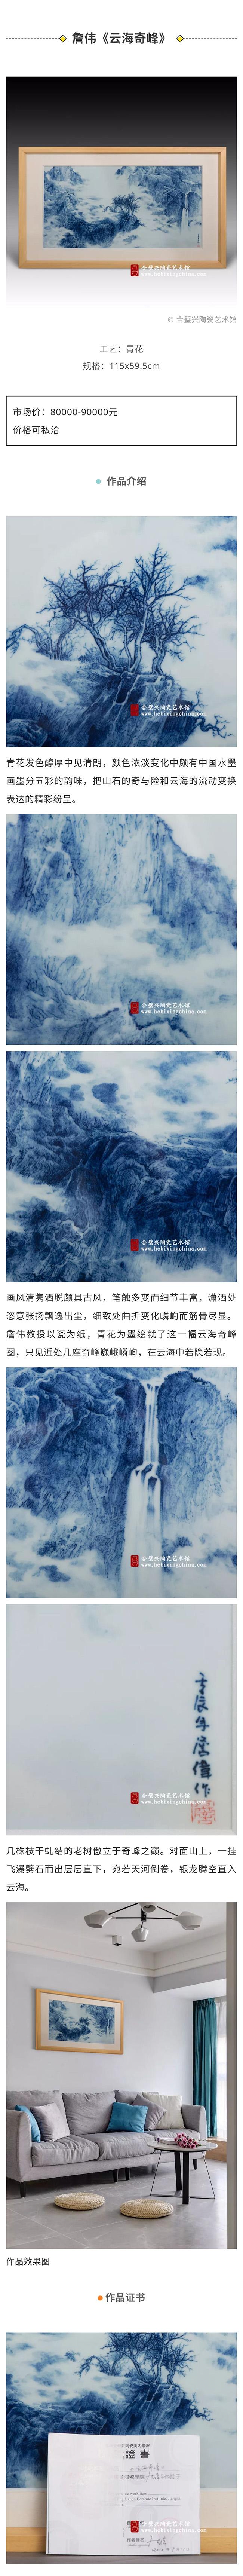 8詹伟 云海奇峰 小.jpg